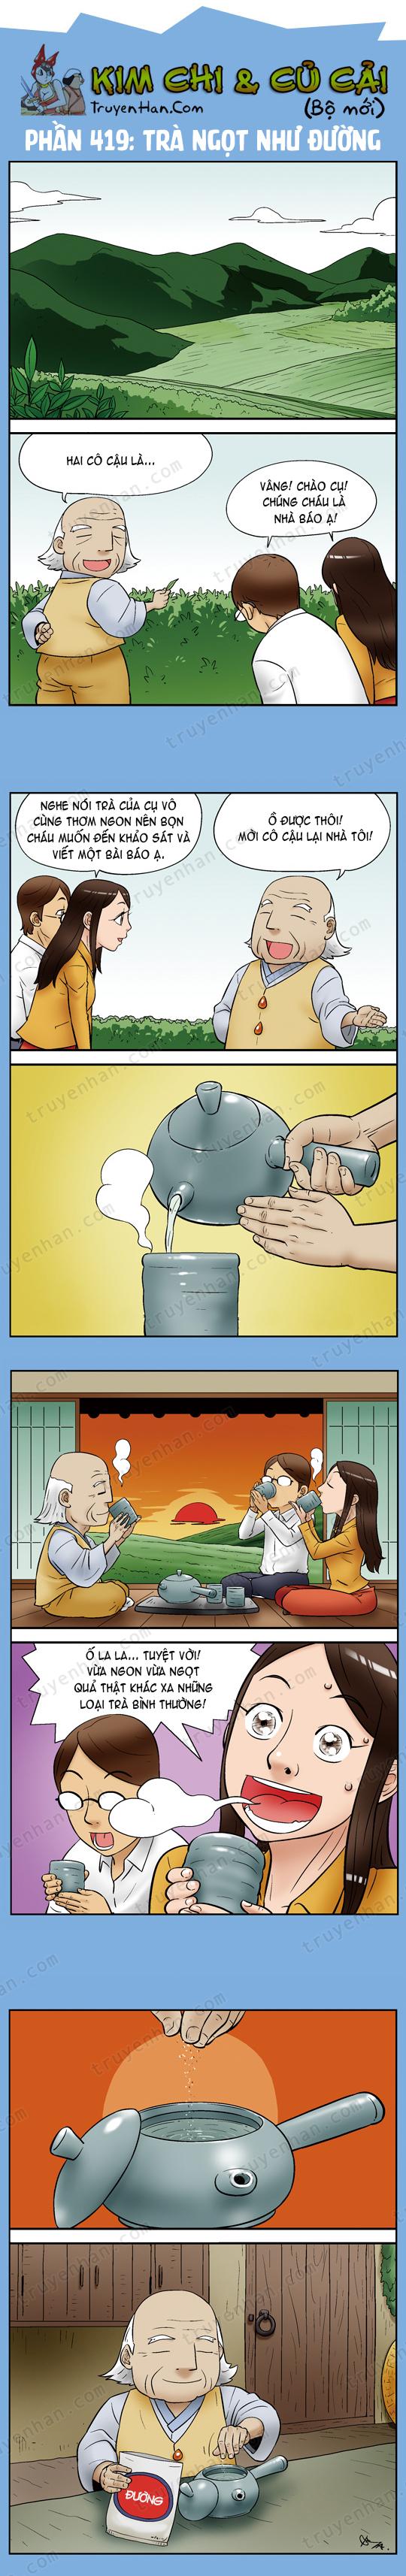 Kim Chi & Củ Cải (bộ mới) phần 419: Trà ngọt như đường